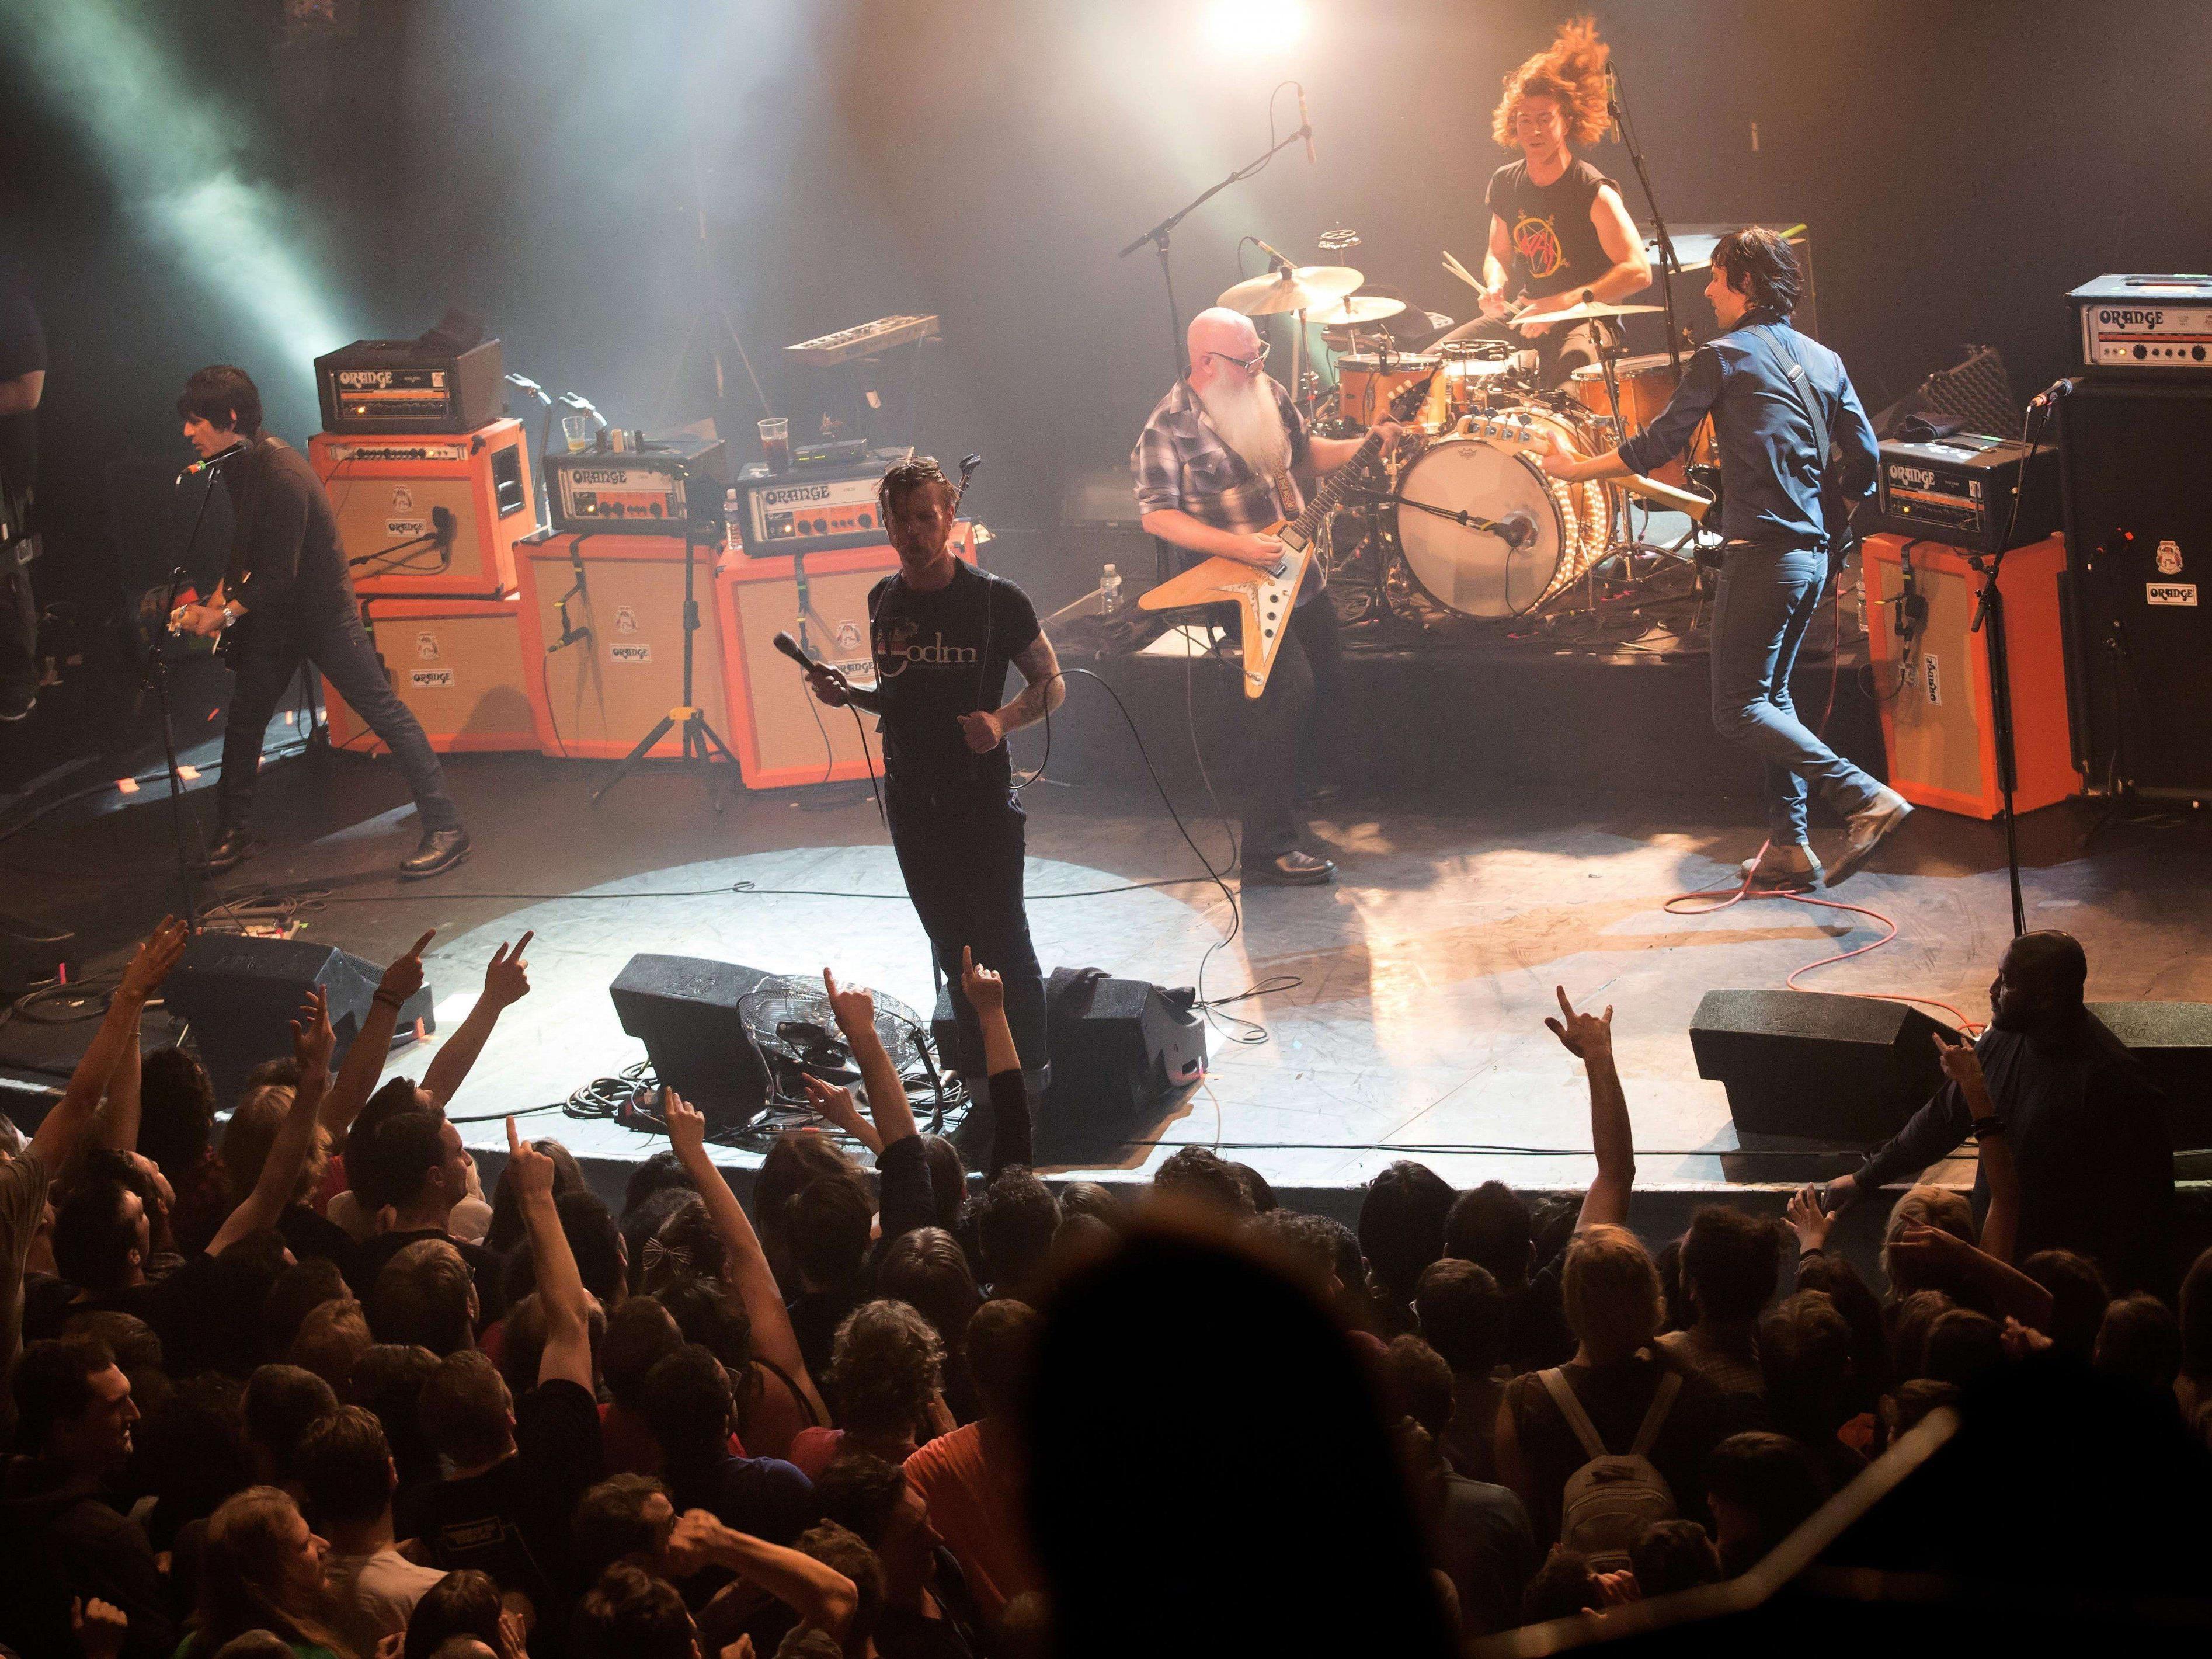 Das Eagles of Death Metal-Konzert am 13. November, kurz bevor bewaffnete Terroristen das Bataclan stürmten.